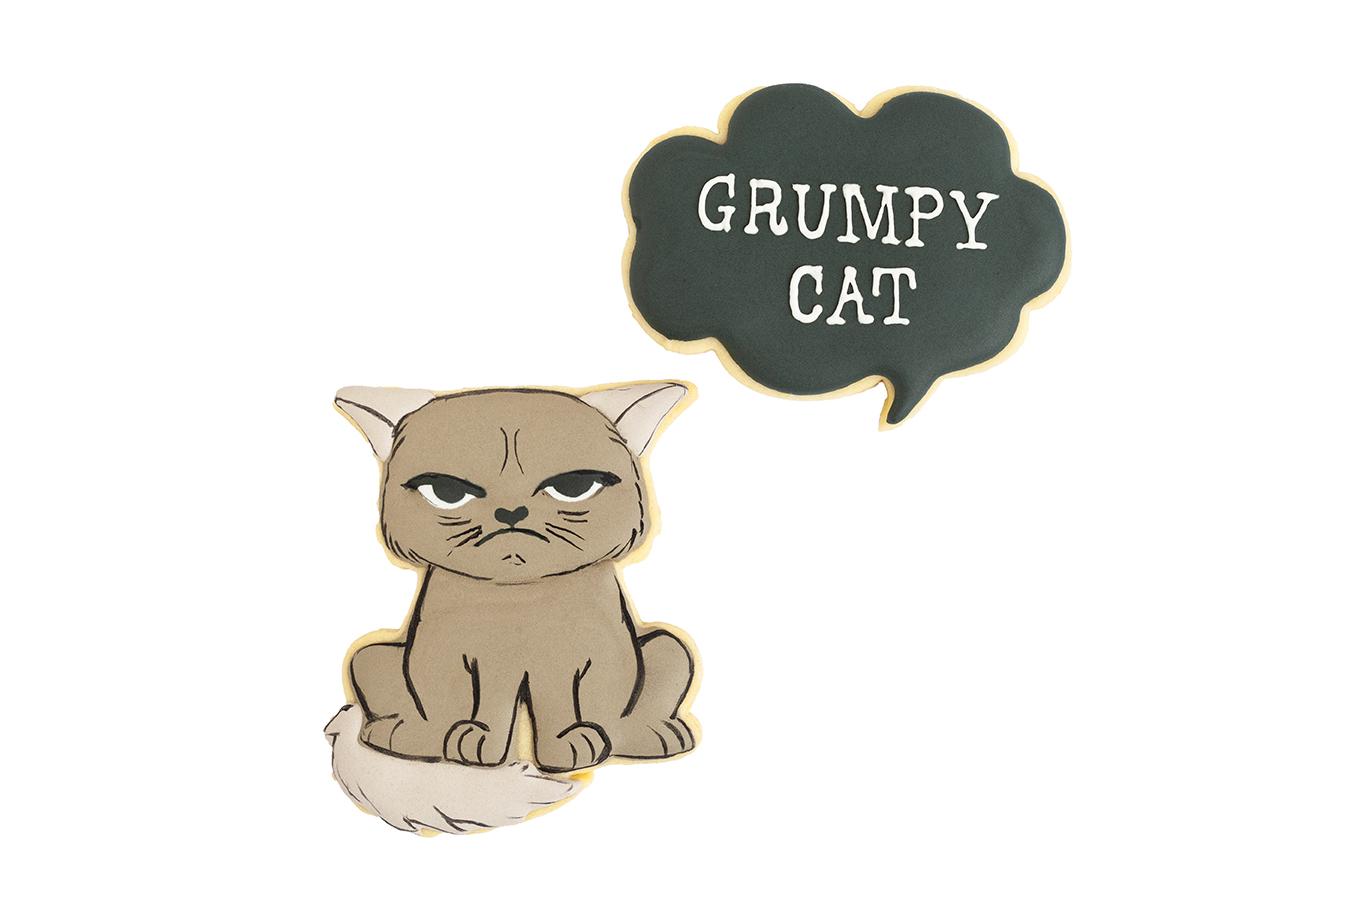 181126 - Grumpycat.jpg